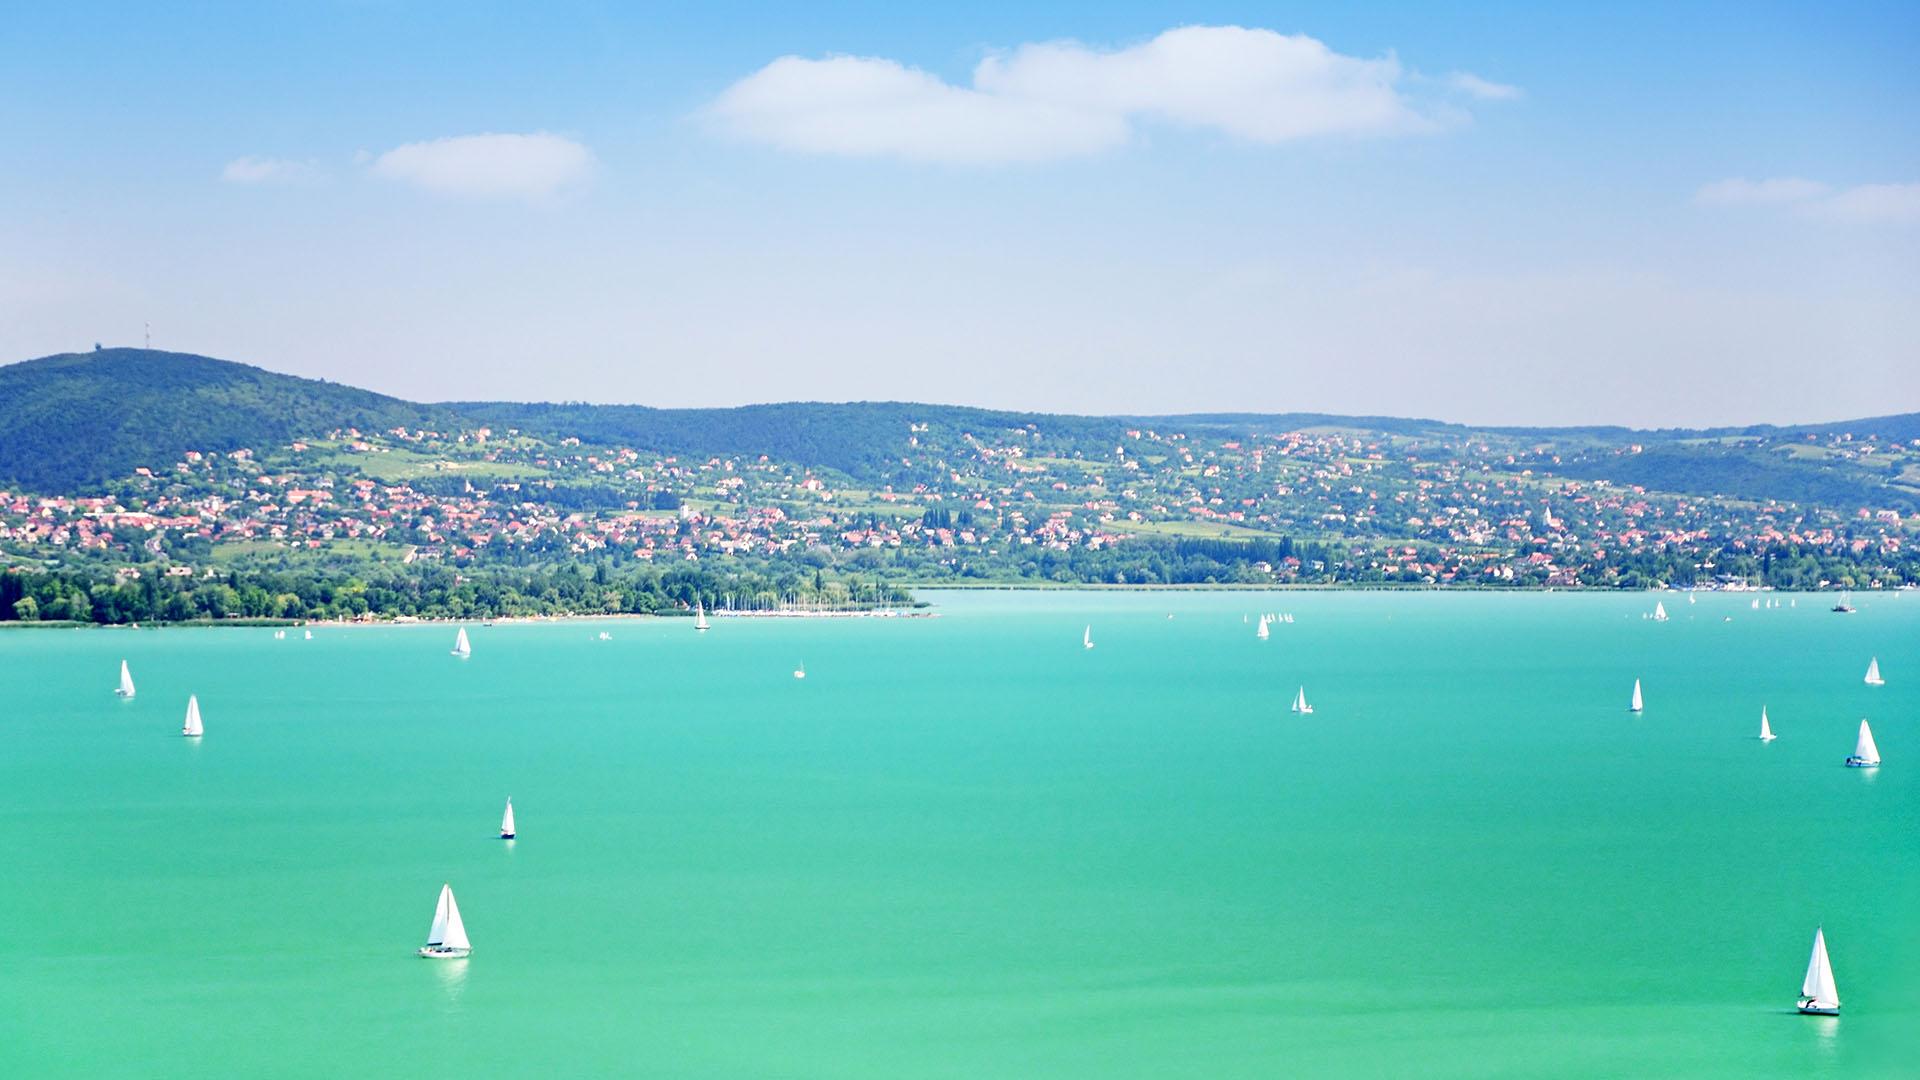 Egy portugál tengerparti nyaralóért kevesebbet kell dolgozni a helyieknek, mint a magyaroknak egy balatoniért